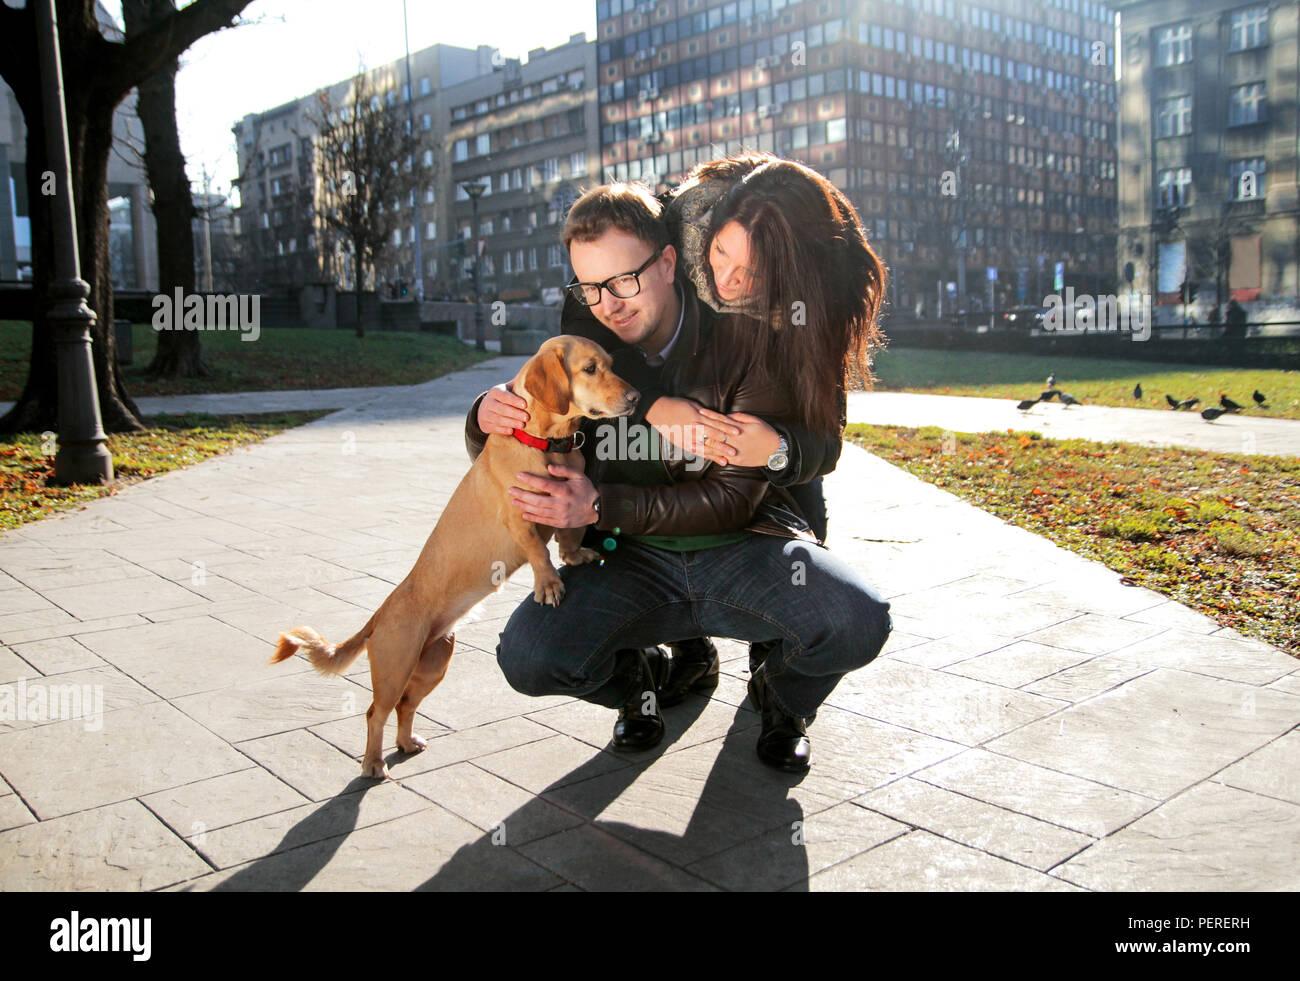 Freundin umarmen junger Mann, während er geduckt und der Hund kuscheln und alle genießen Sie einen schönen Tag im Park. Junges Paar mit Hund genießen. Stockbild